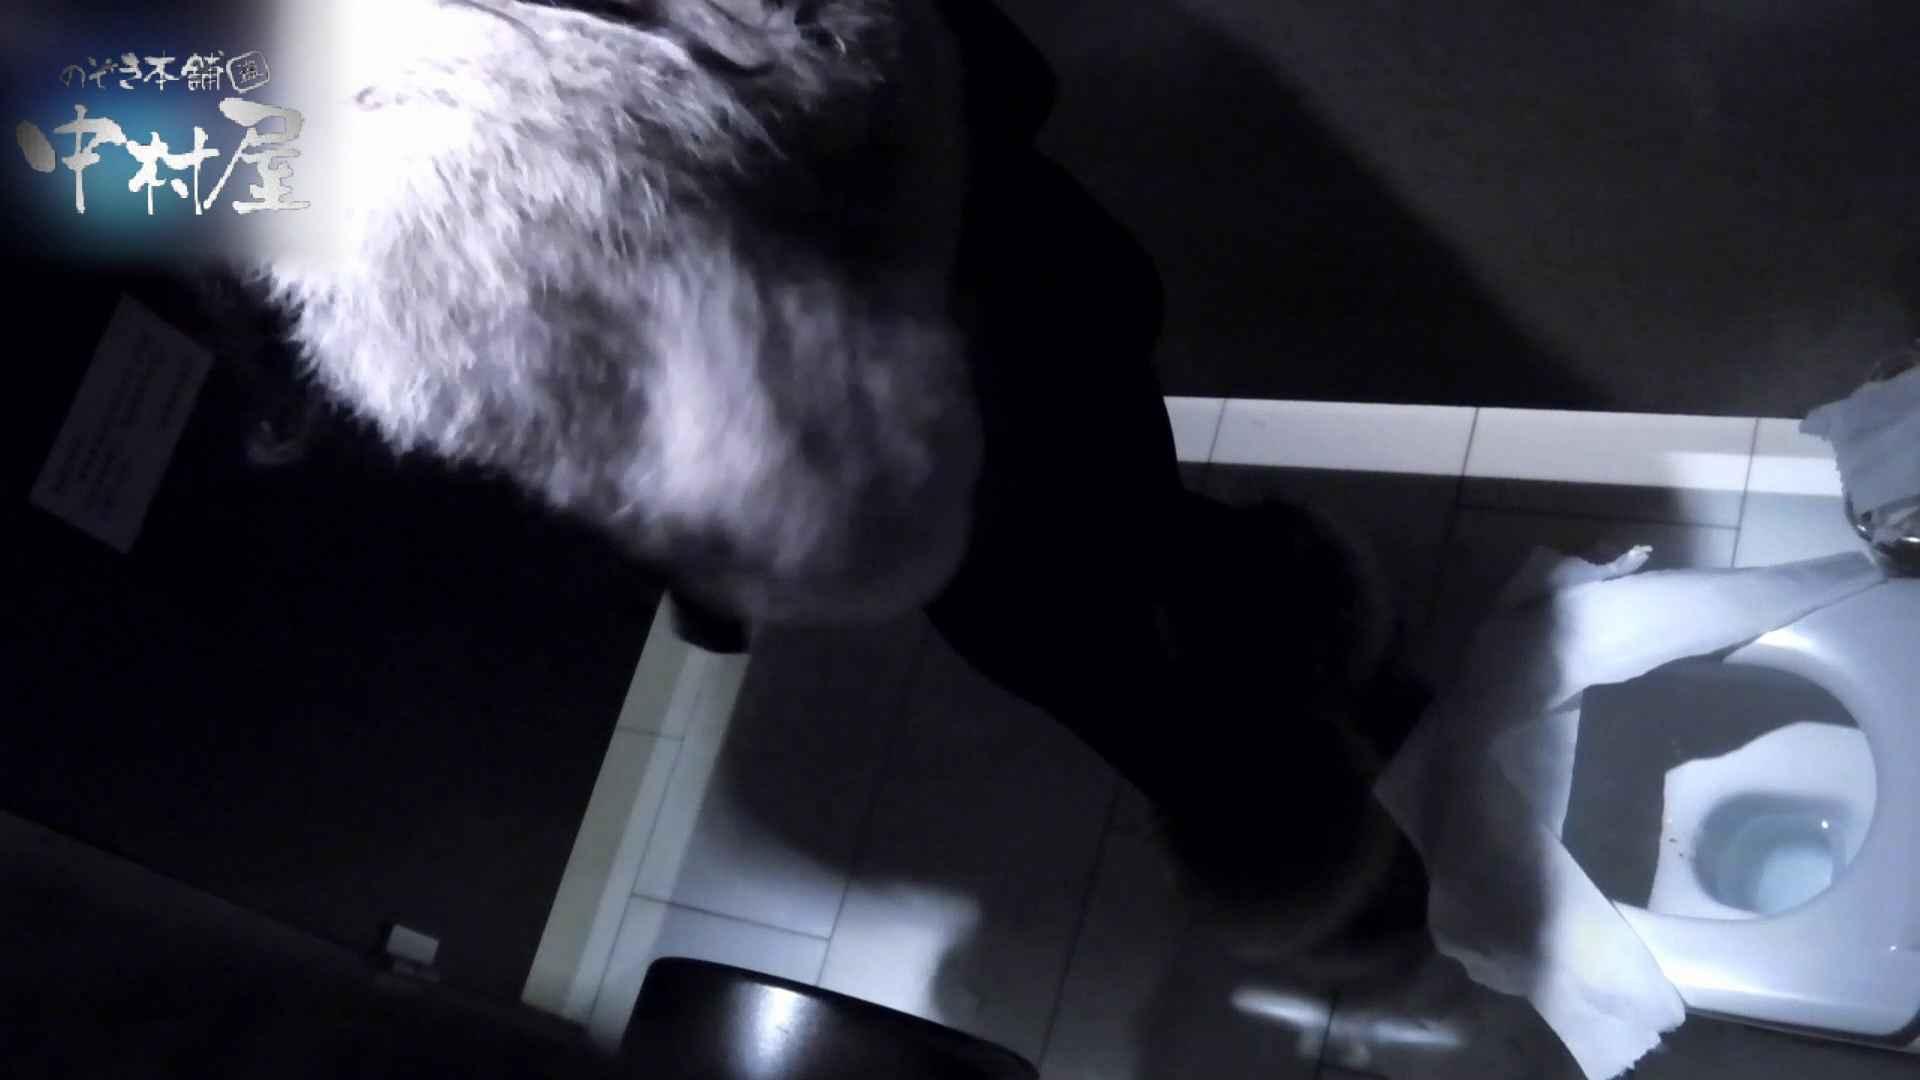 乙女集まる!ショッピングモール潜入撮vol.11 美しいOLの裸体 性交動画流出 78pic 44